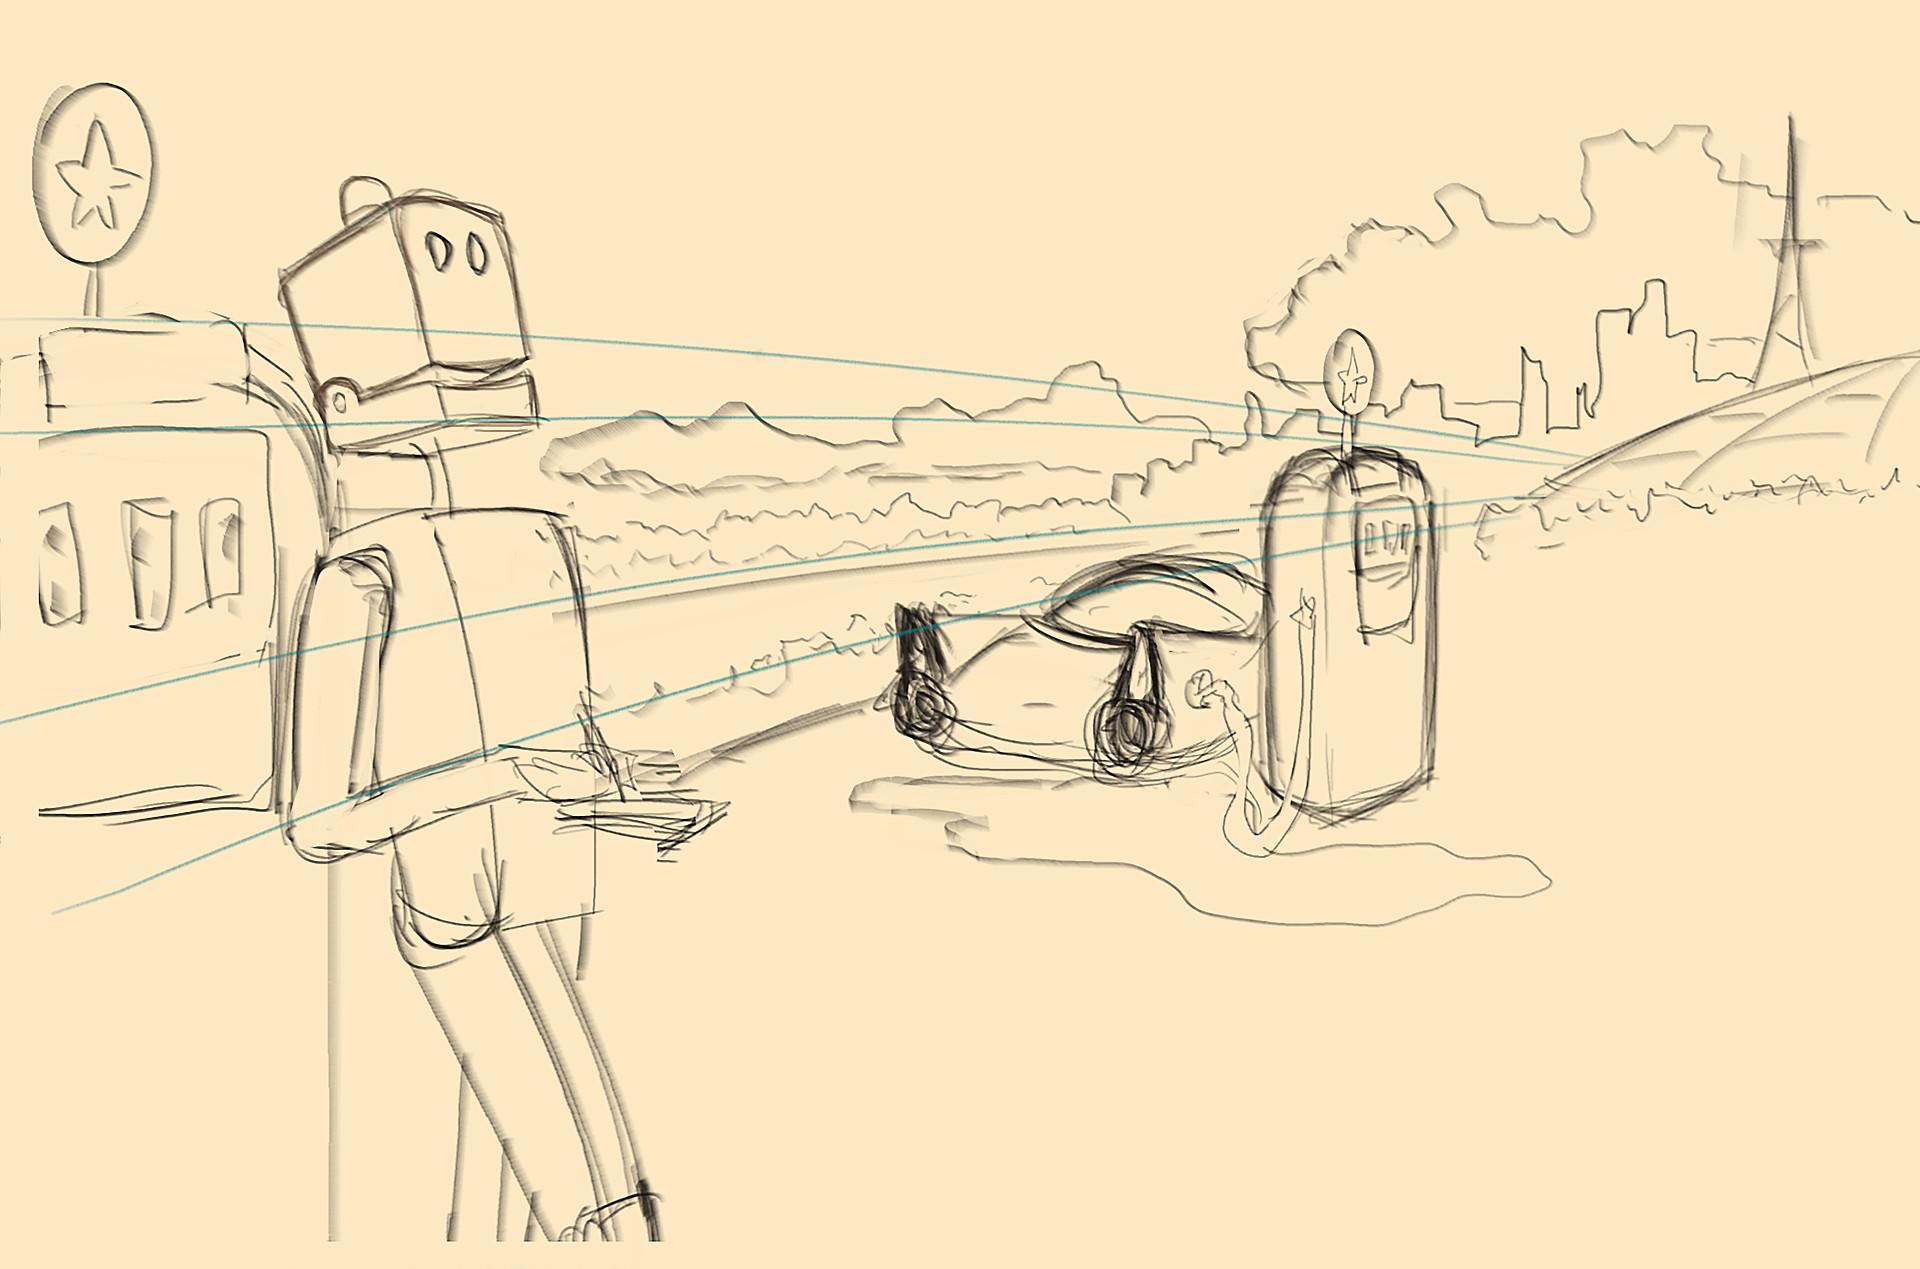 Dmytro bidnyak robot poet initial sketch